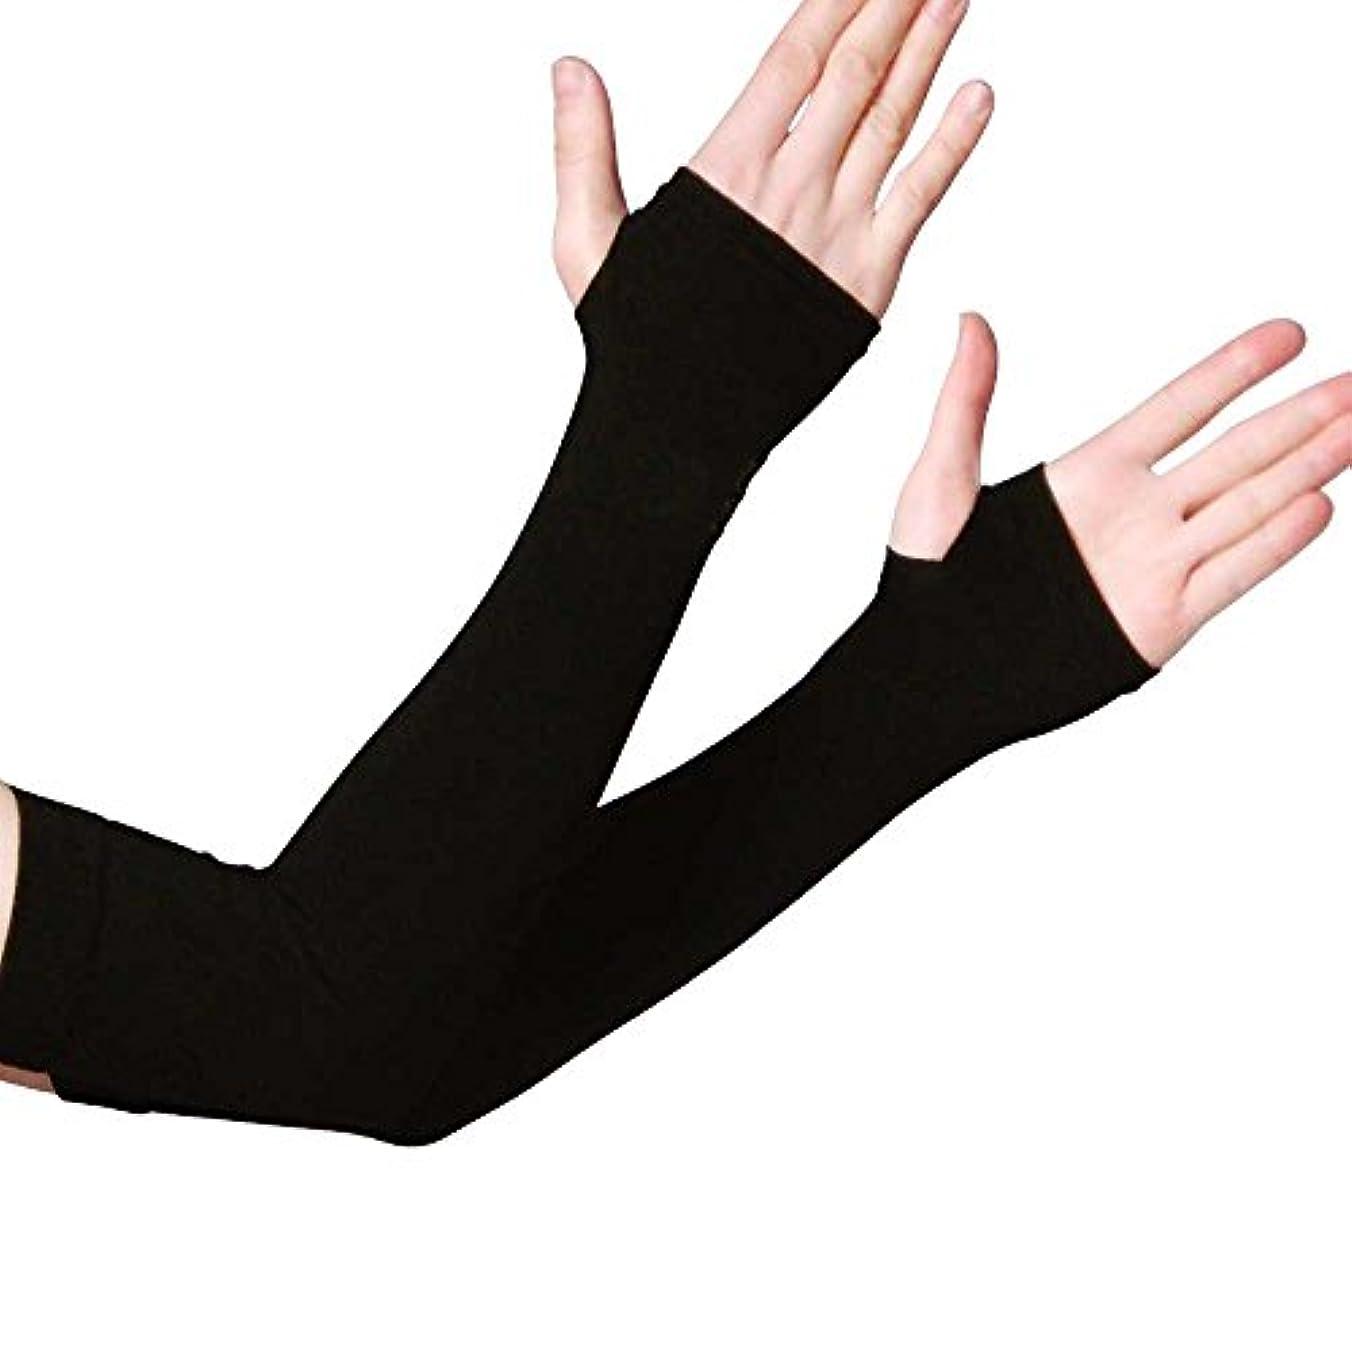 肩をすくめる支店発言する涼感UVカット アームカバー 紫外線対策 99%カット 日焼け止め 紫外線ダメージ お肌 ガード 定番ブラック 涼感タイプアームカバー (ブラック)